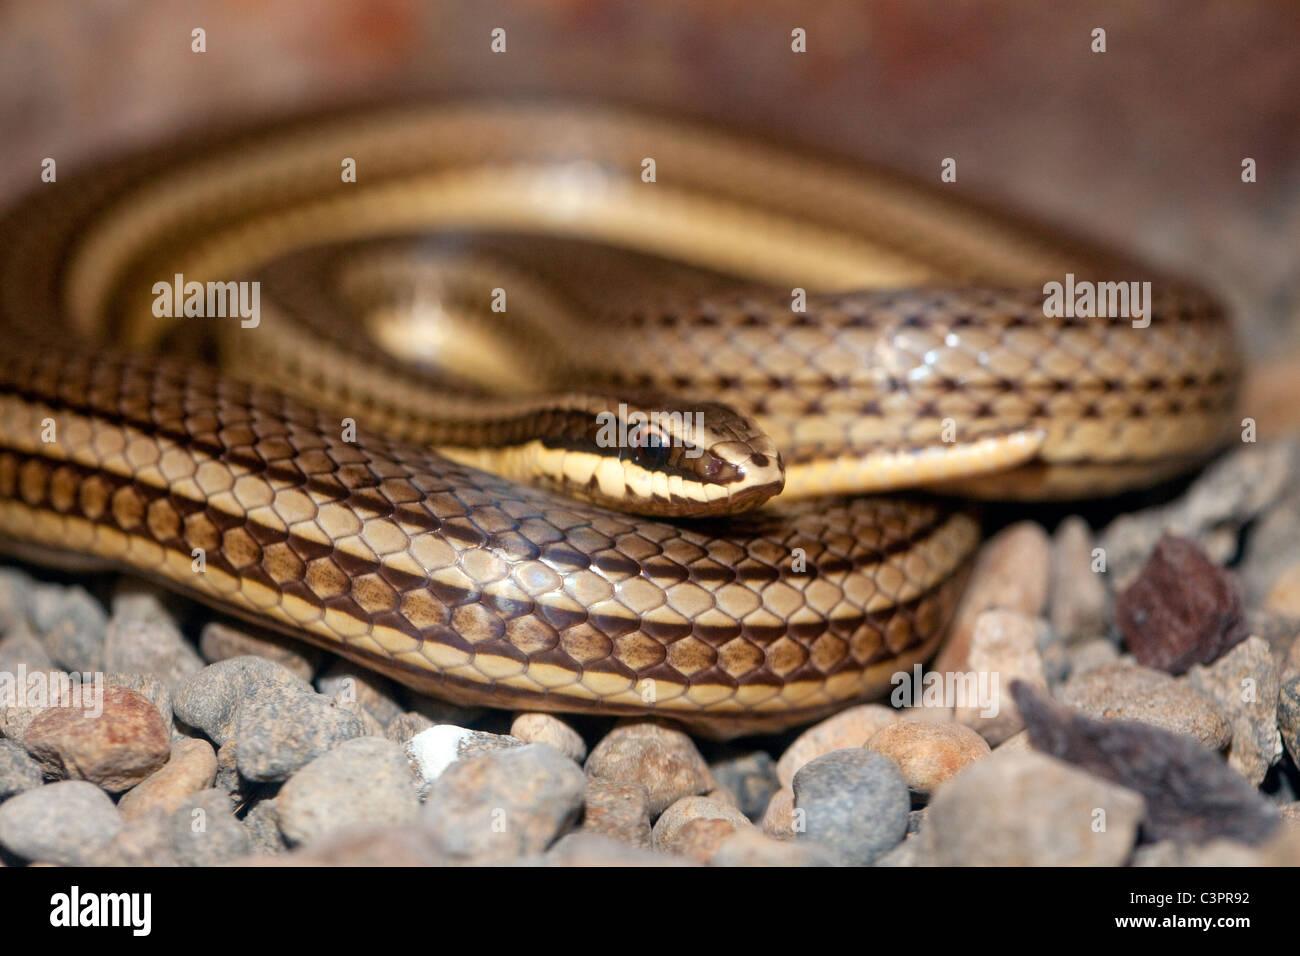 Route commune guarder (Conophis lineatus) enroulé au Costa Rica. Photo Stock